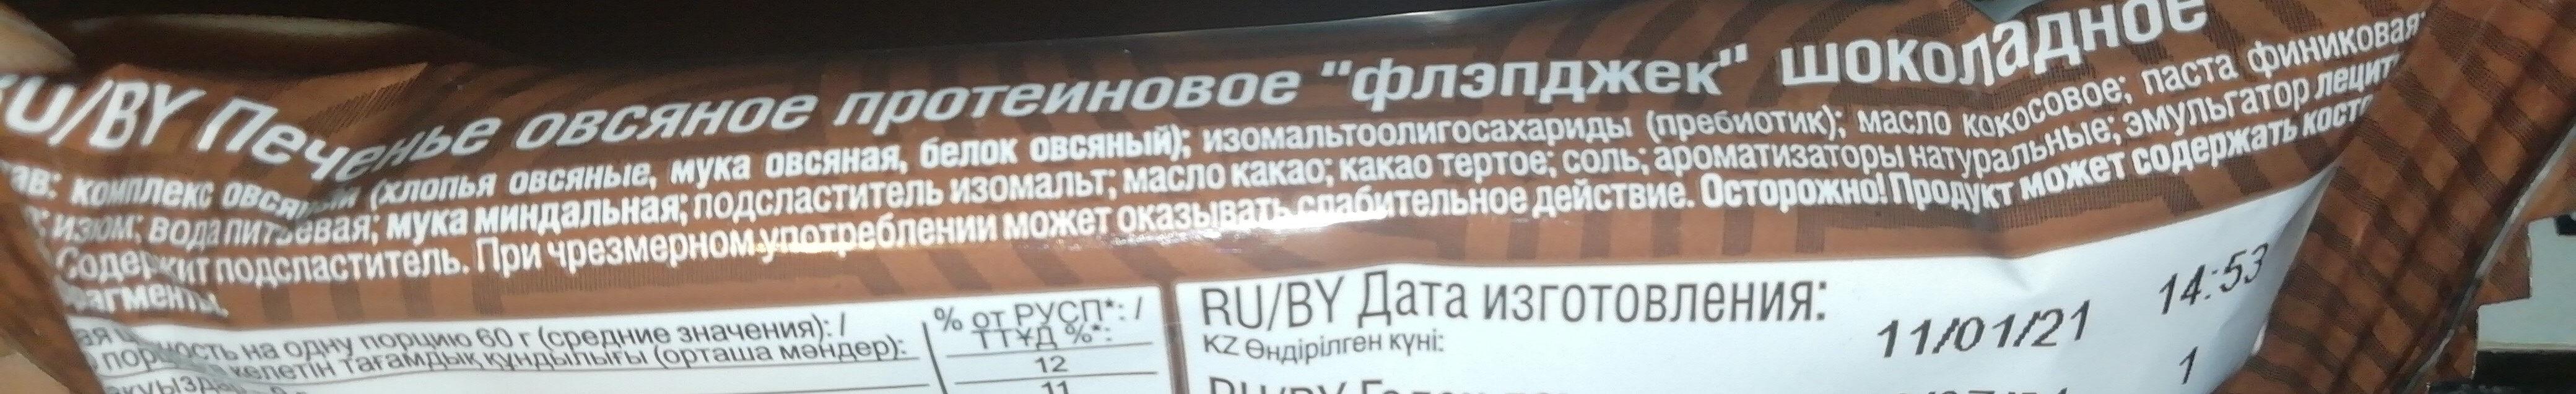 """печенье овсяное протеиновое """"флэпджек"""" шоколадное - Ingredienti - ru"""